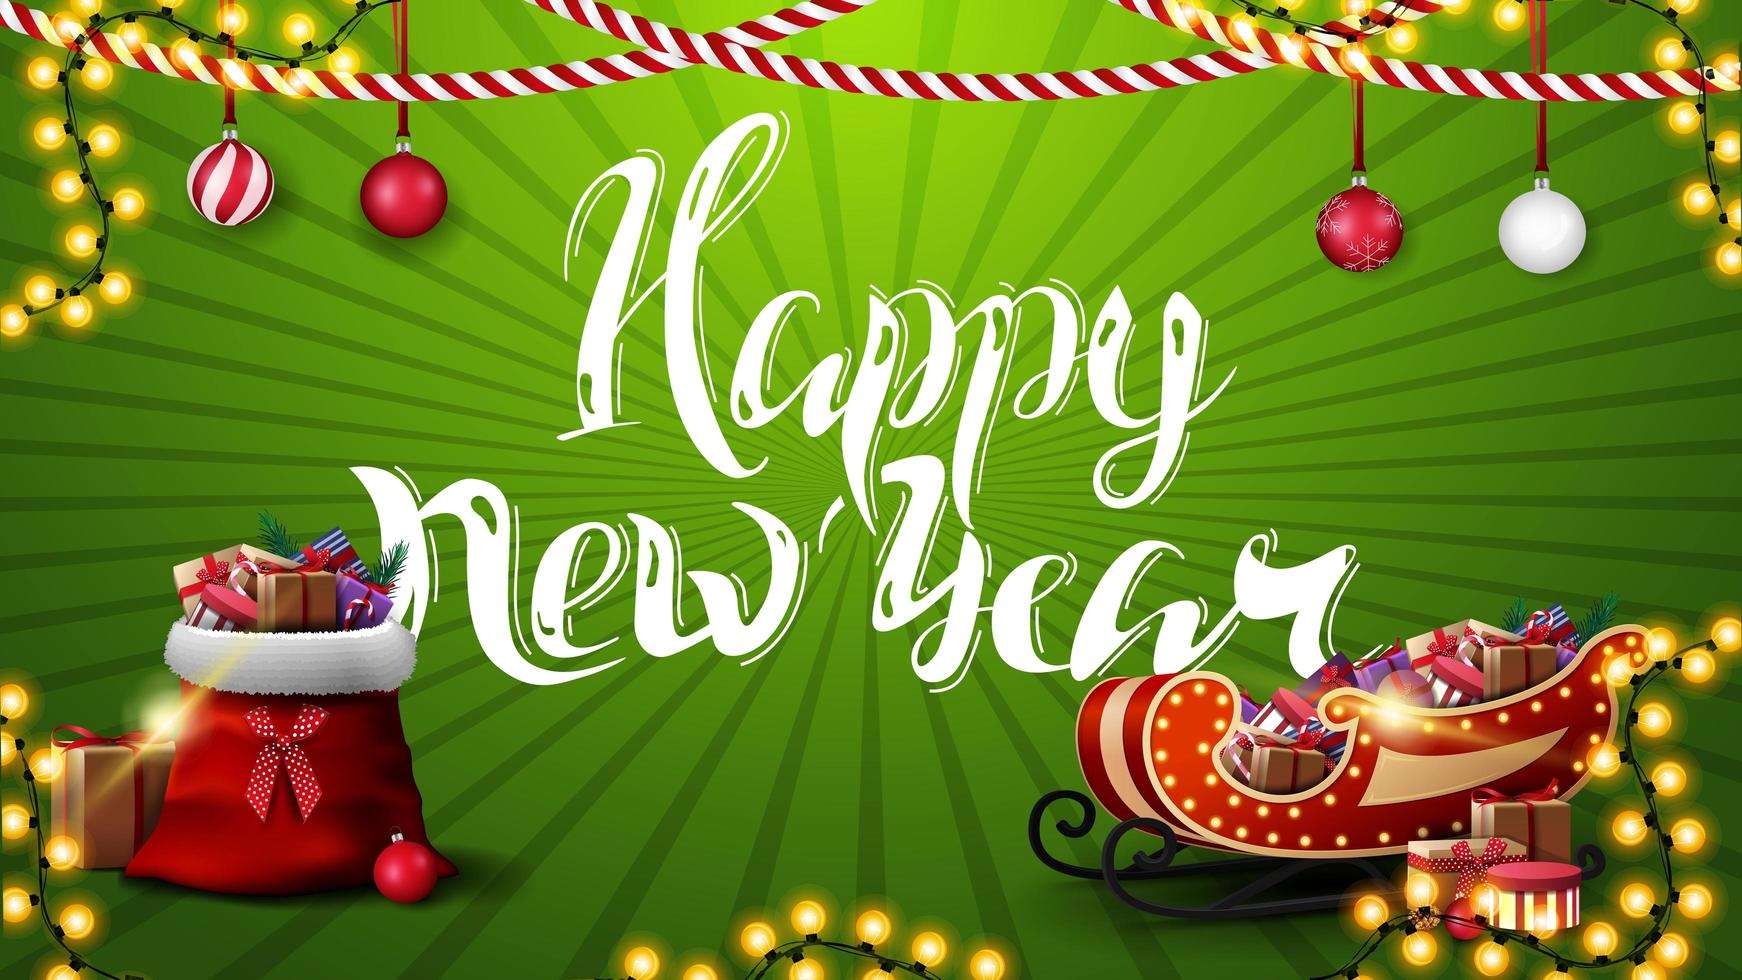 feliz año nuevo, tarjeta de felicitación verde con hermosas letras, guirnaldas, bolas de navidad, bolsa de santa claus y trineo de santa con regalos vector